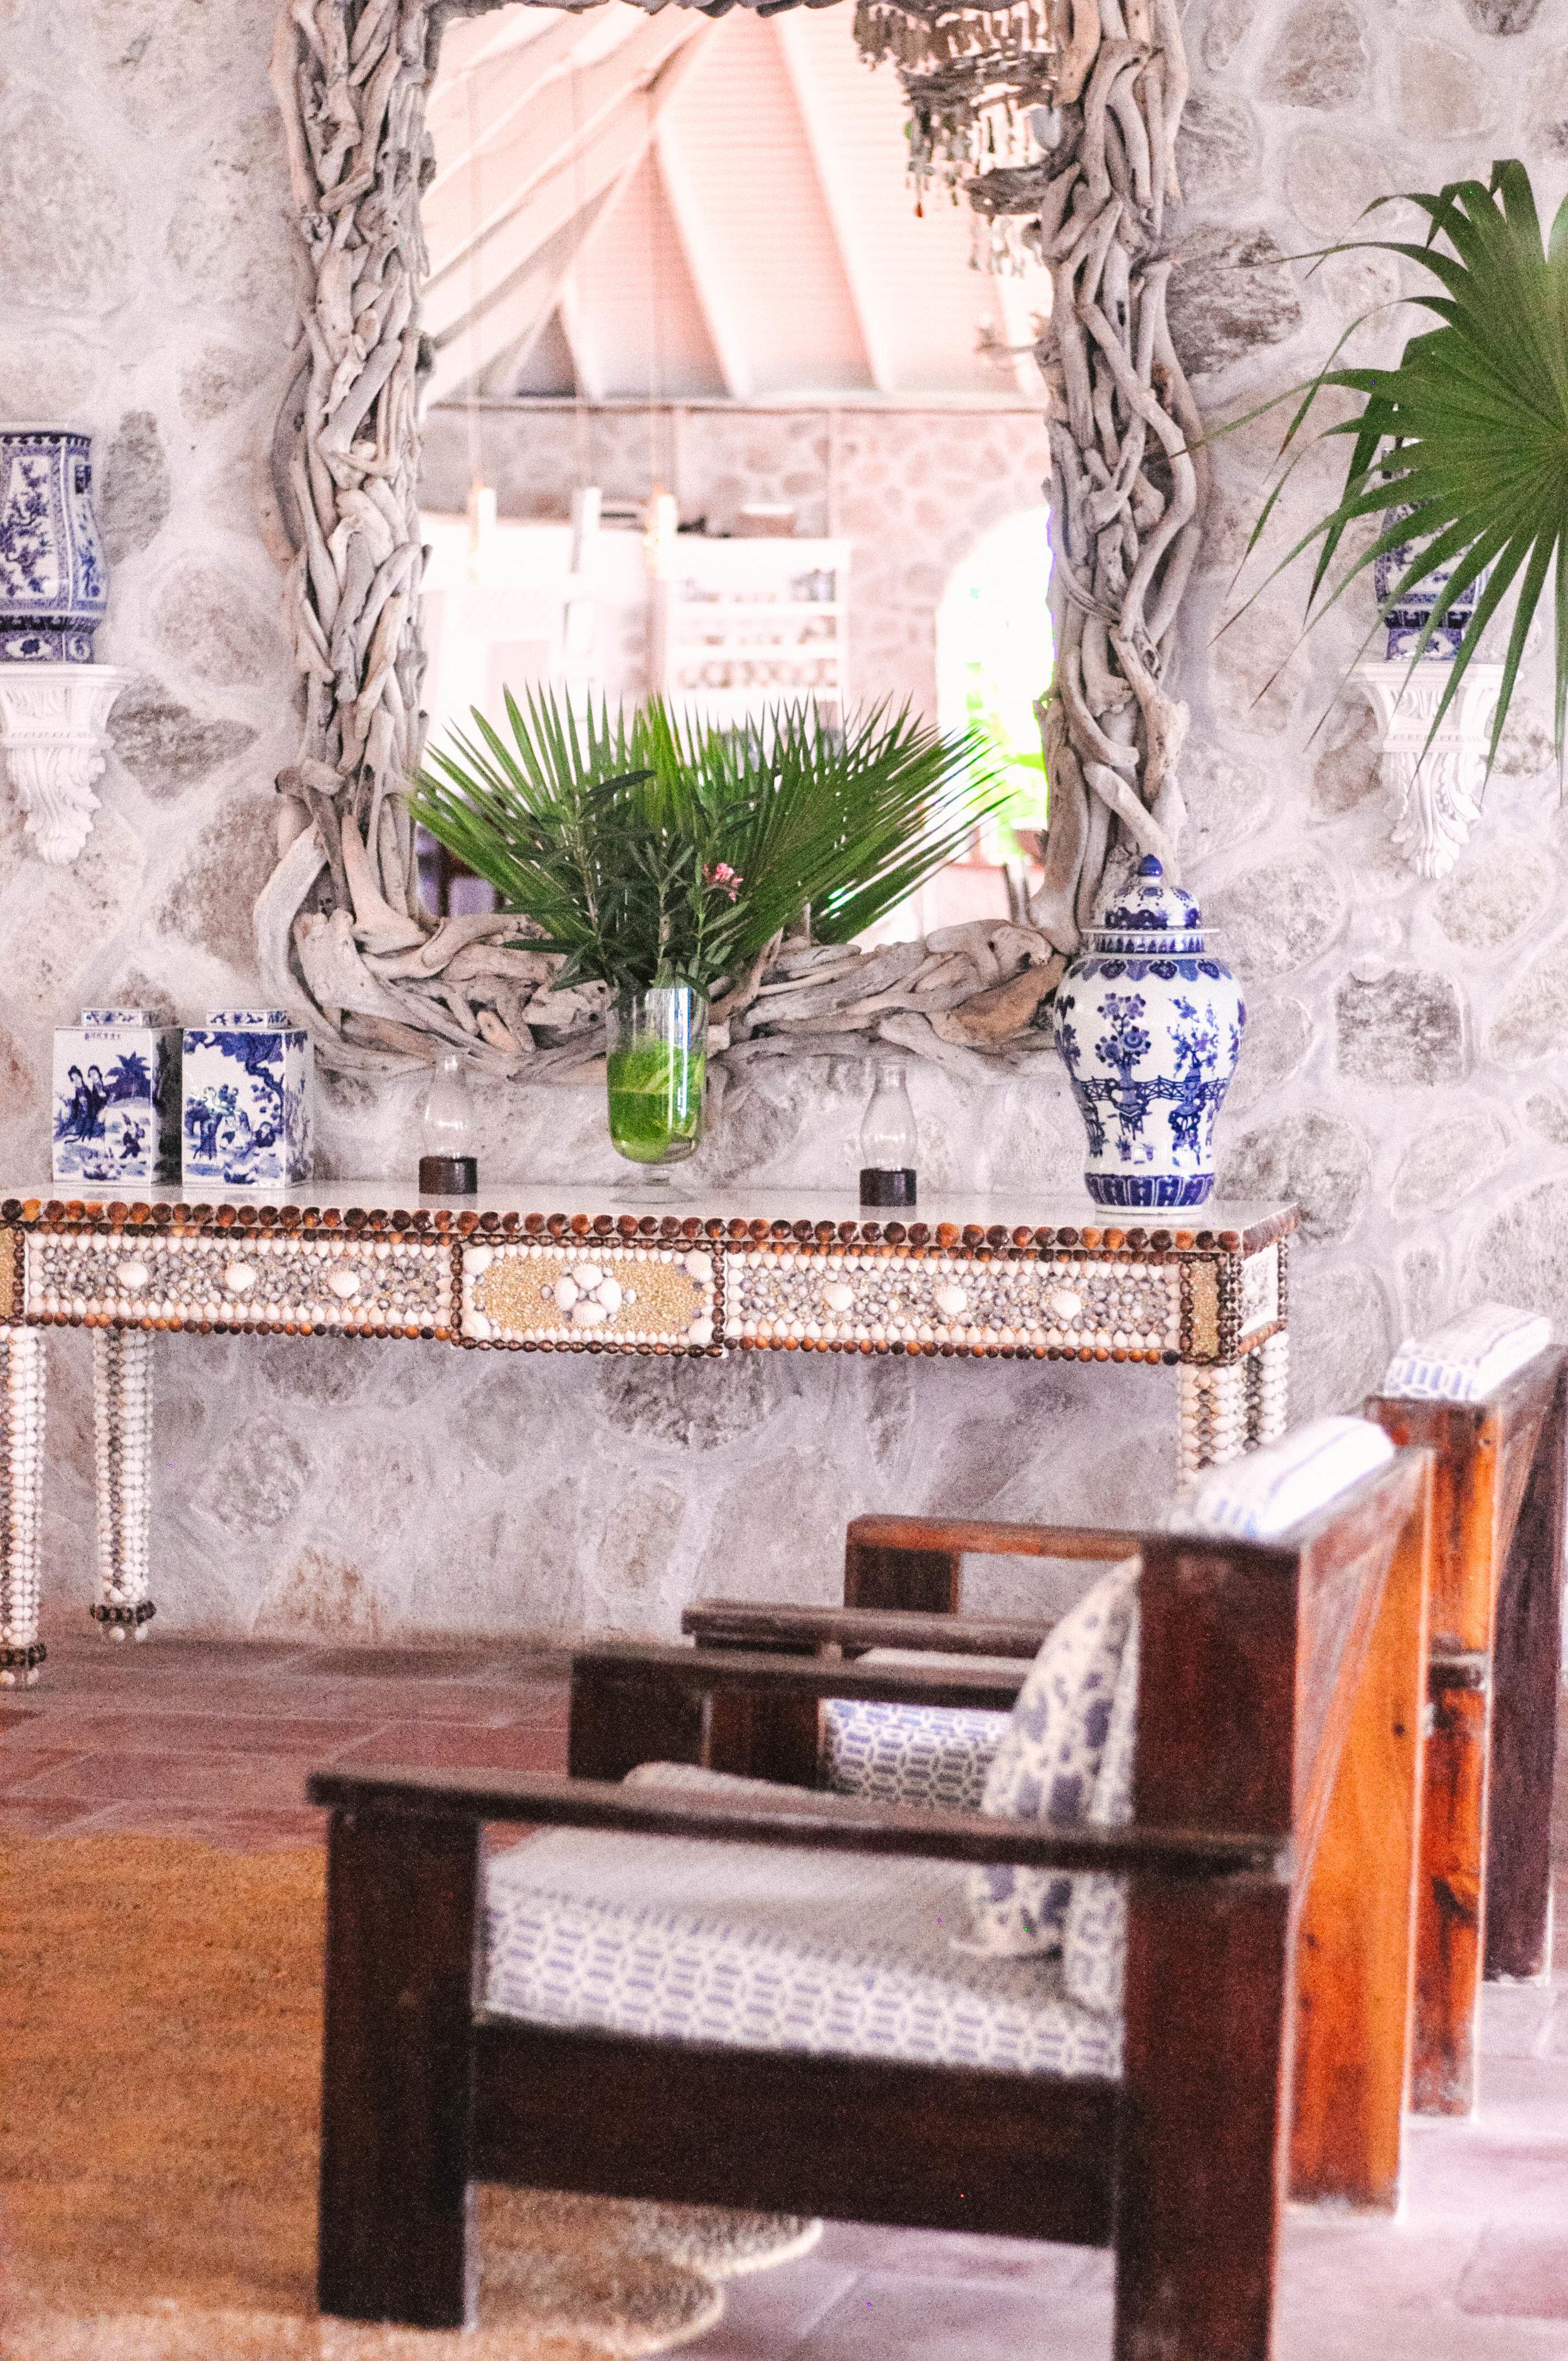 Sugar Reef Bequia hotel decor